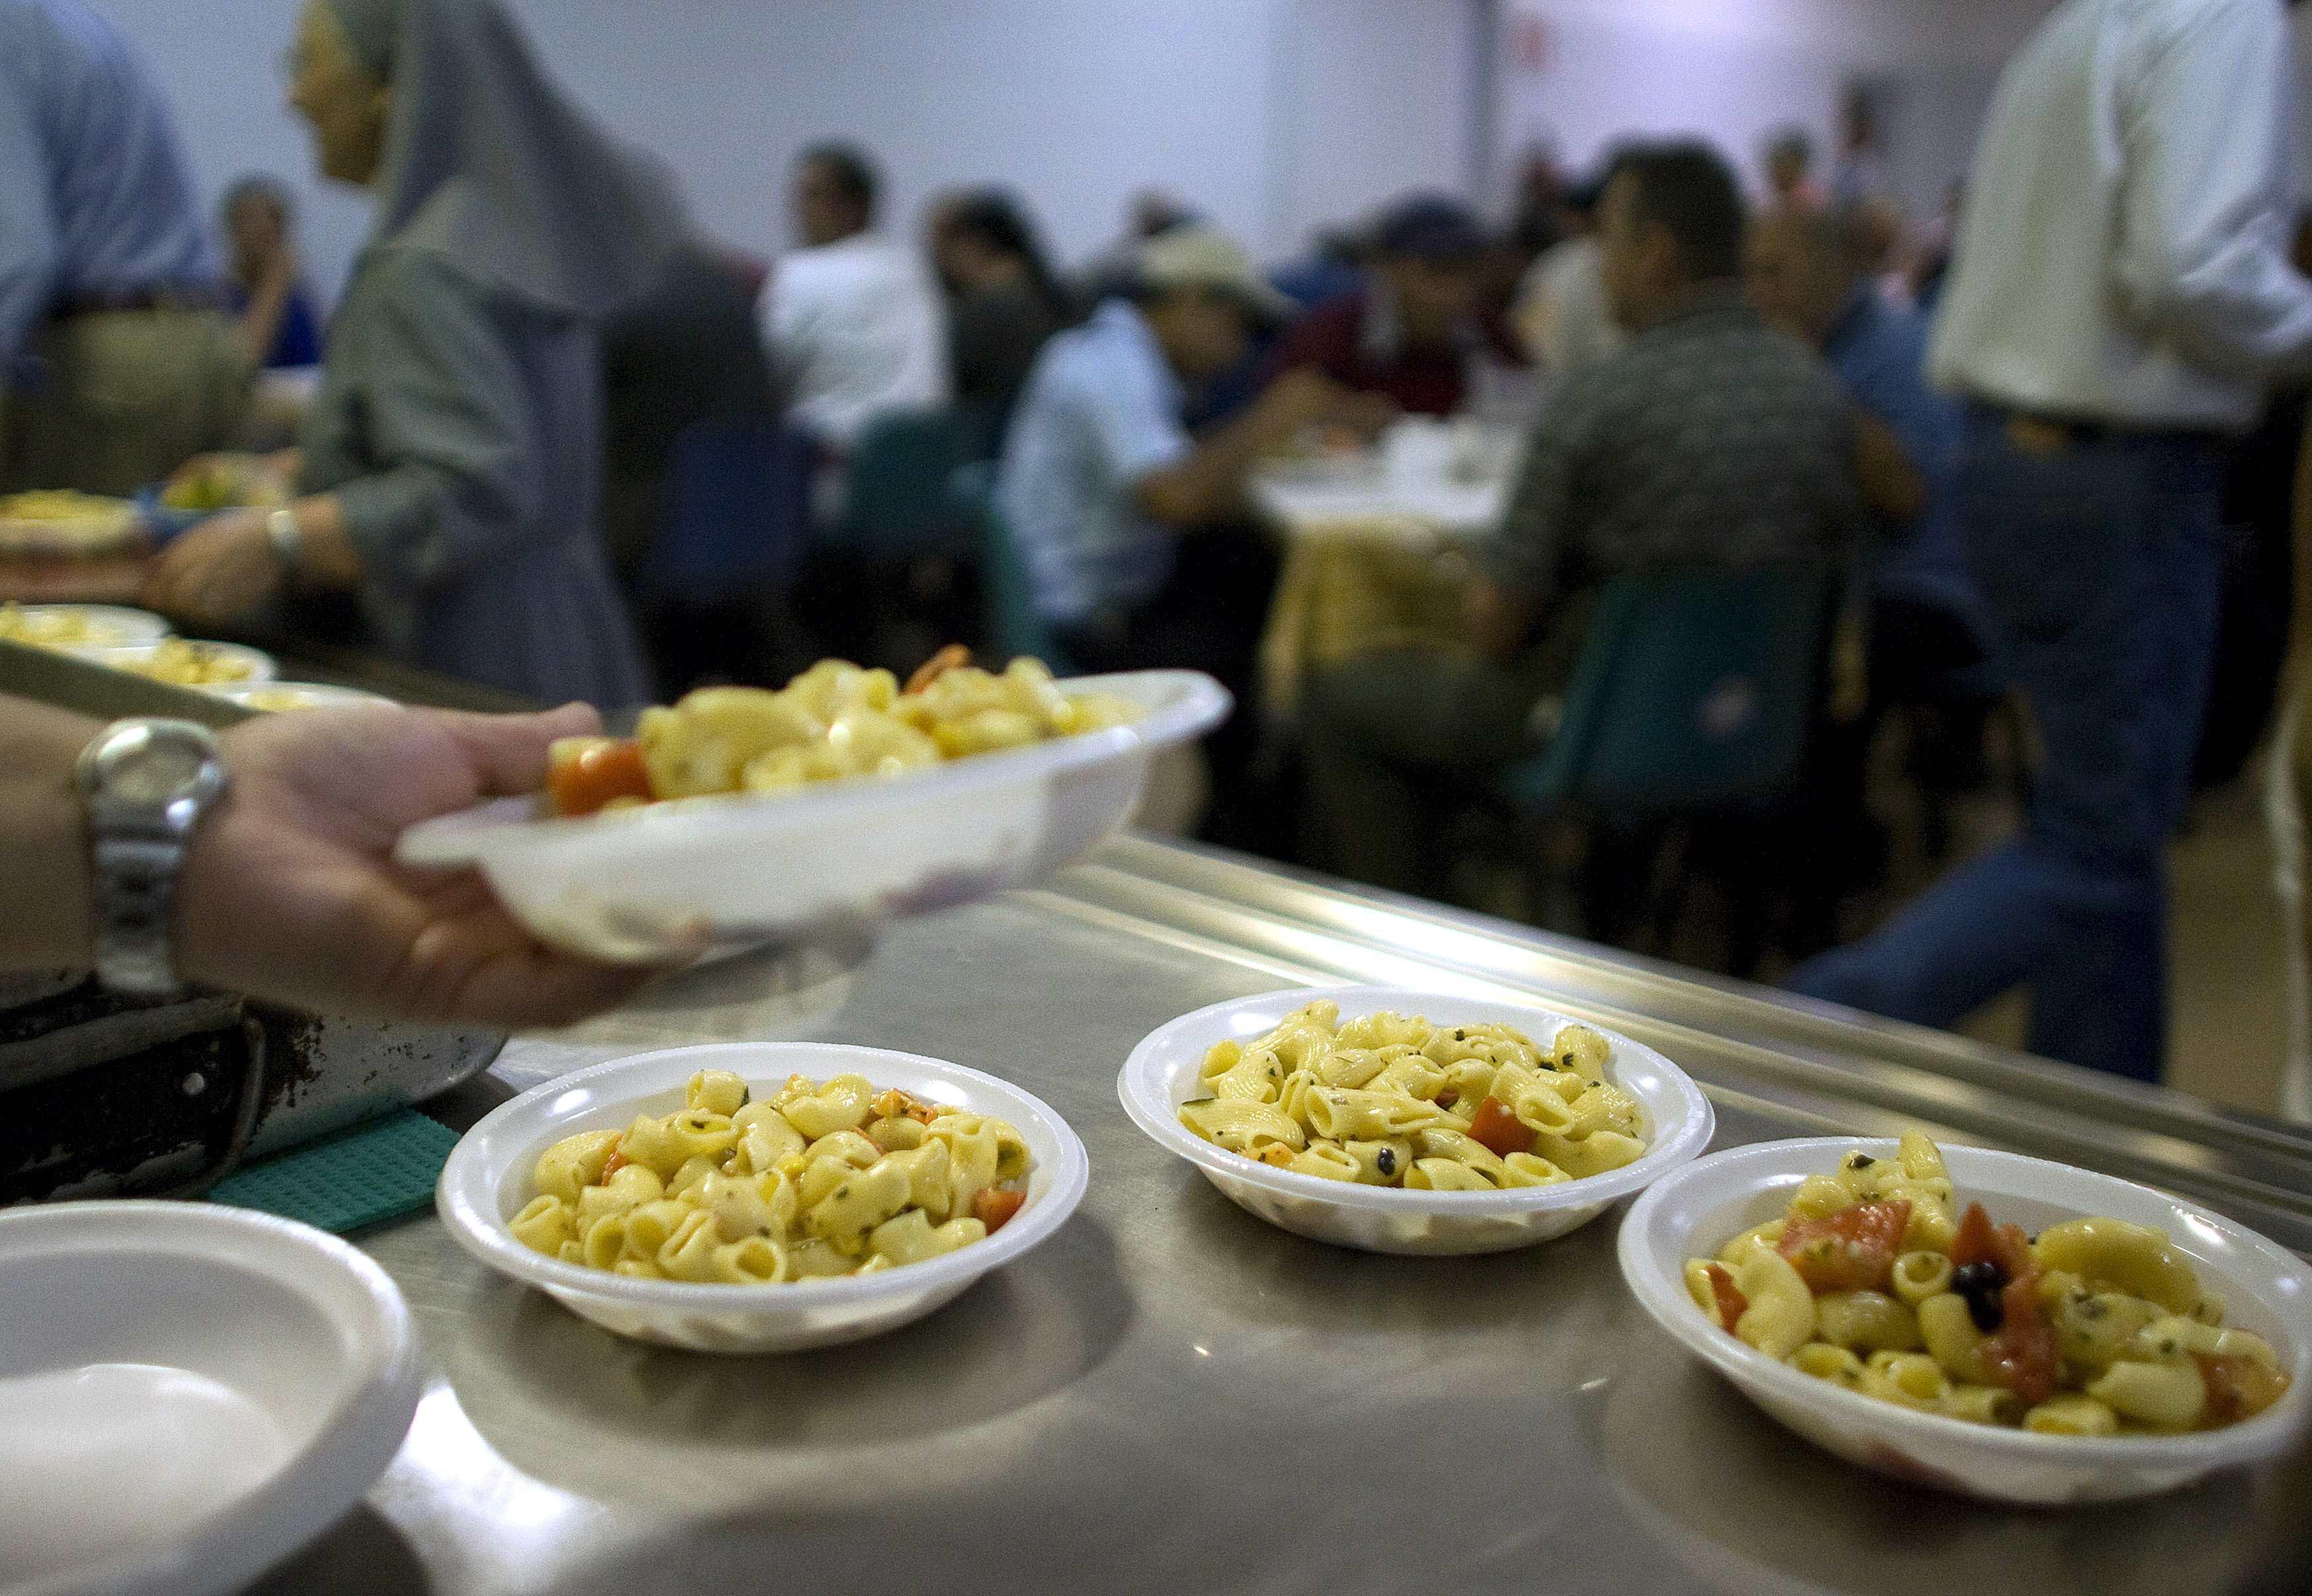 Nei centri Caritas del sud Più italiani che immigrati